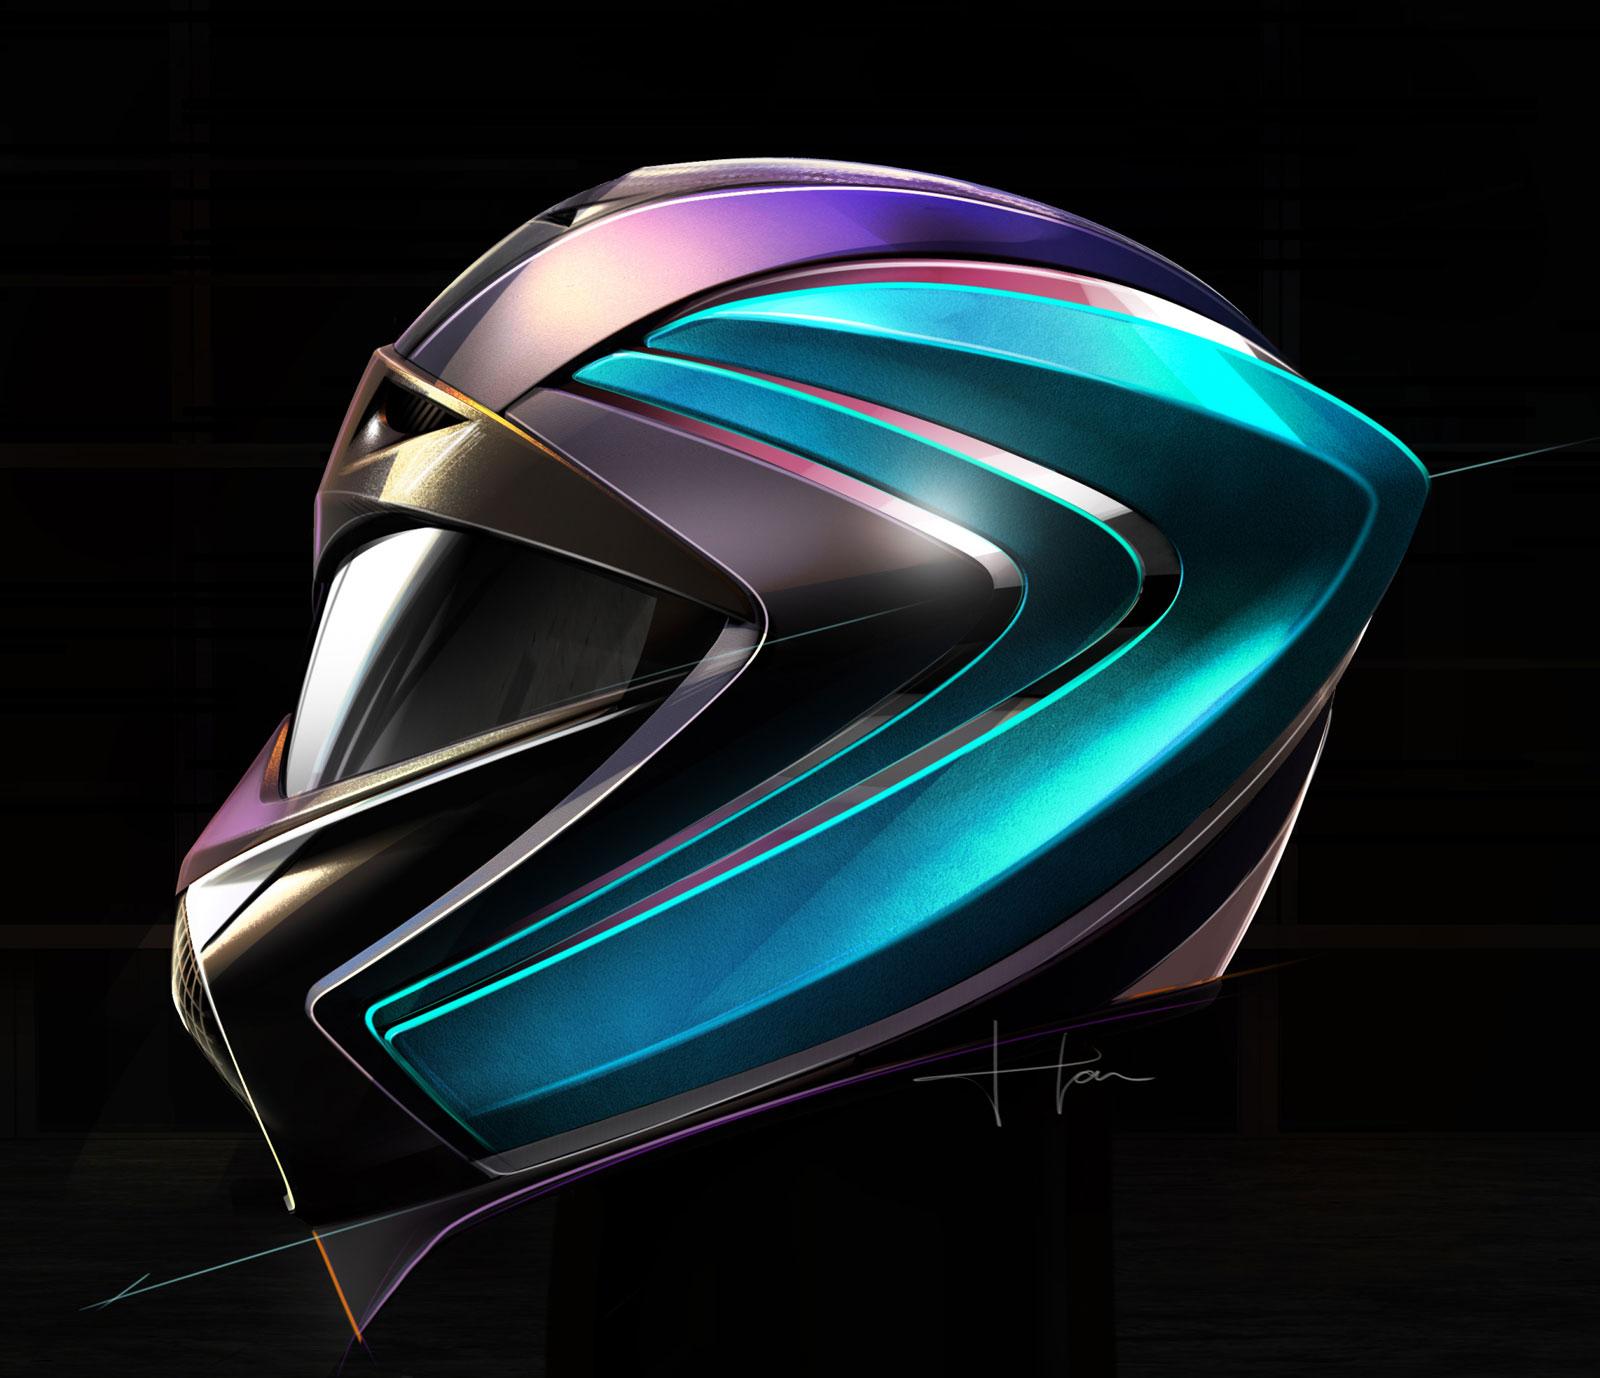 DS X E Tense Concept Parametric Helmet Design Sketch